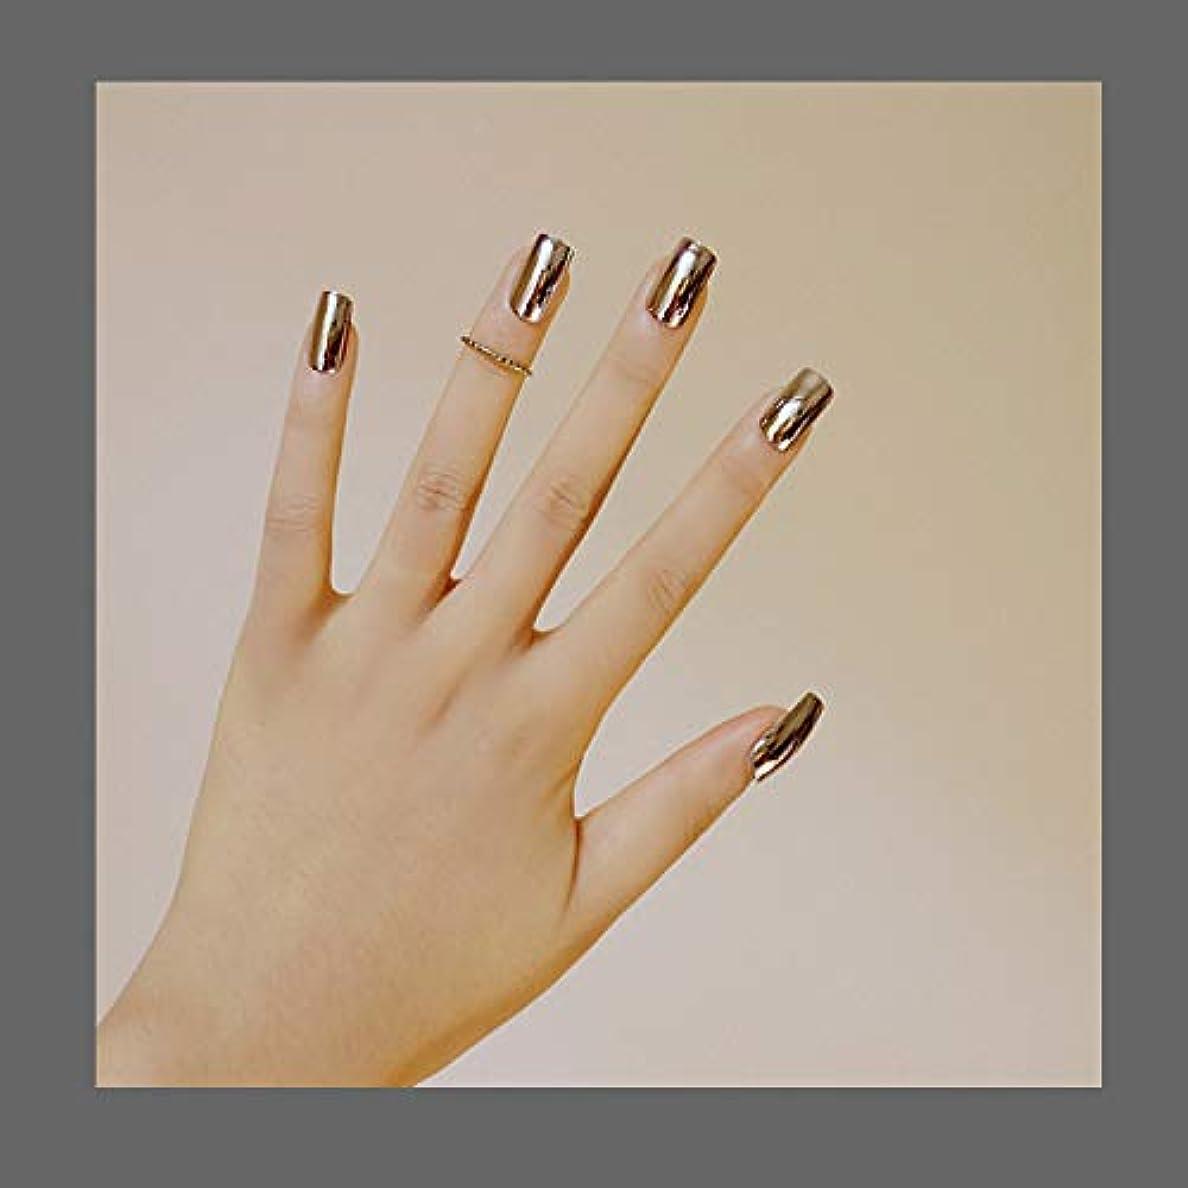 五十リーズ修士号欧米で流行るパンク風付け爪 色変化のミラー付け爪 24枚付け爪 フラットヘッド 銀